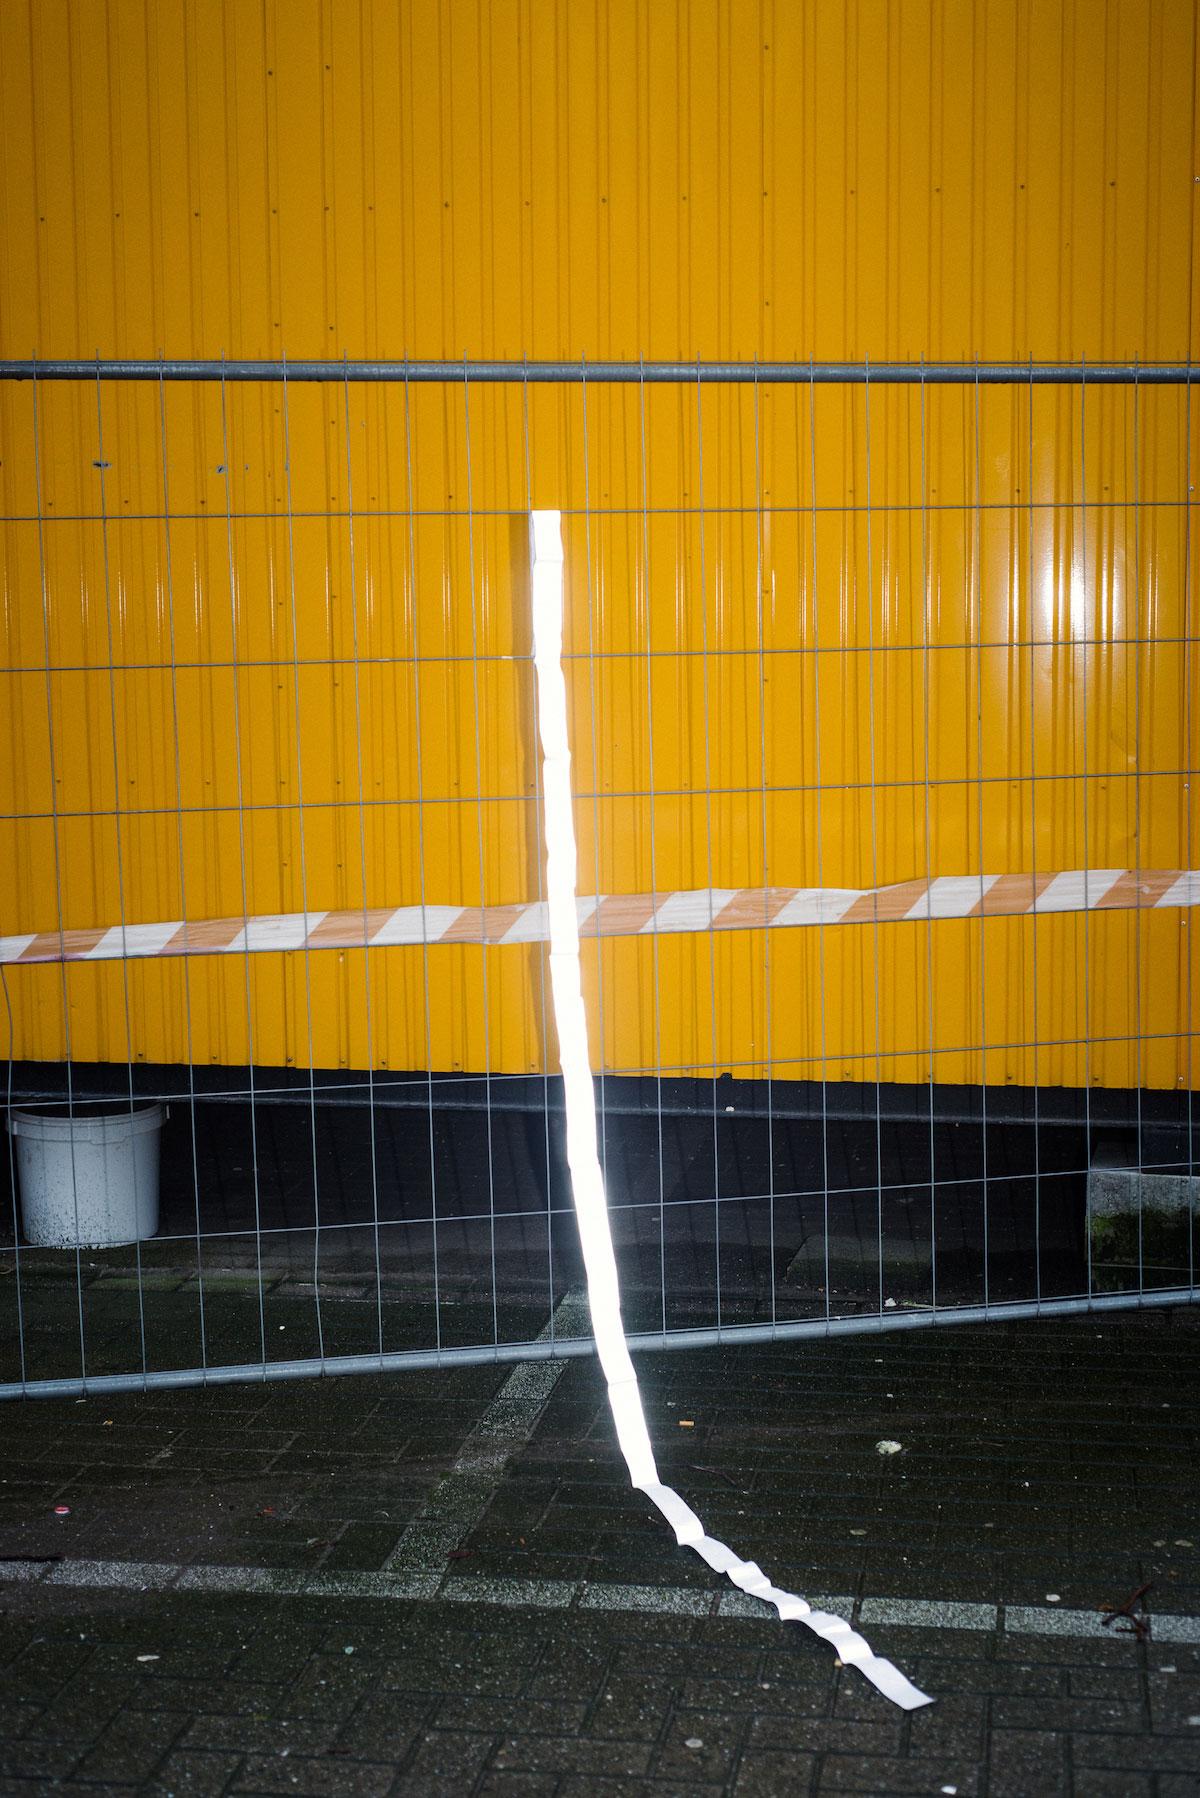 Photo de Nicolas Melemis symbolisant la notion de frontière par la disposition de bandes réfléchissantes parfois utilisées pour marquer les frontières entre les États